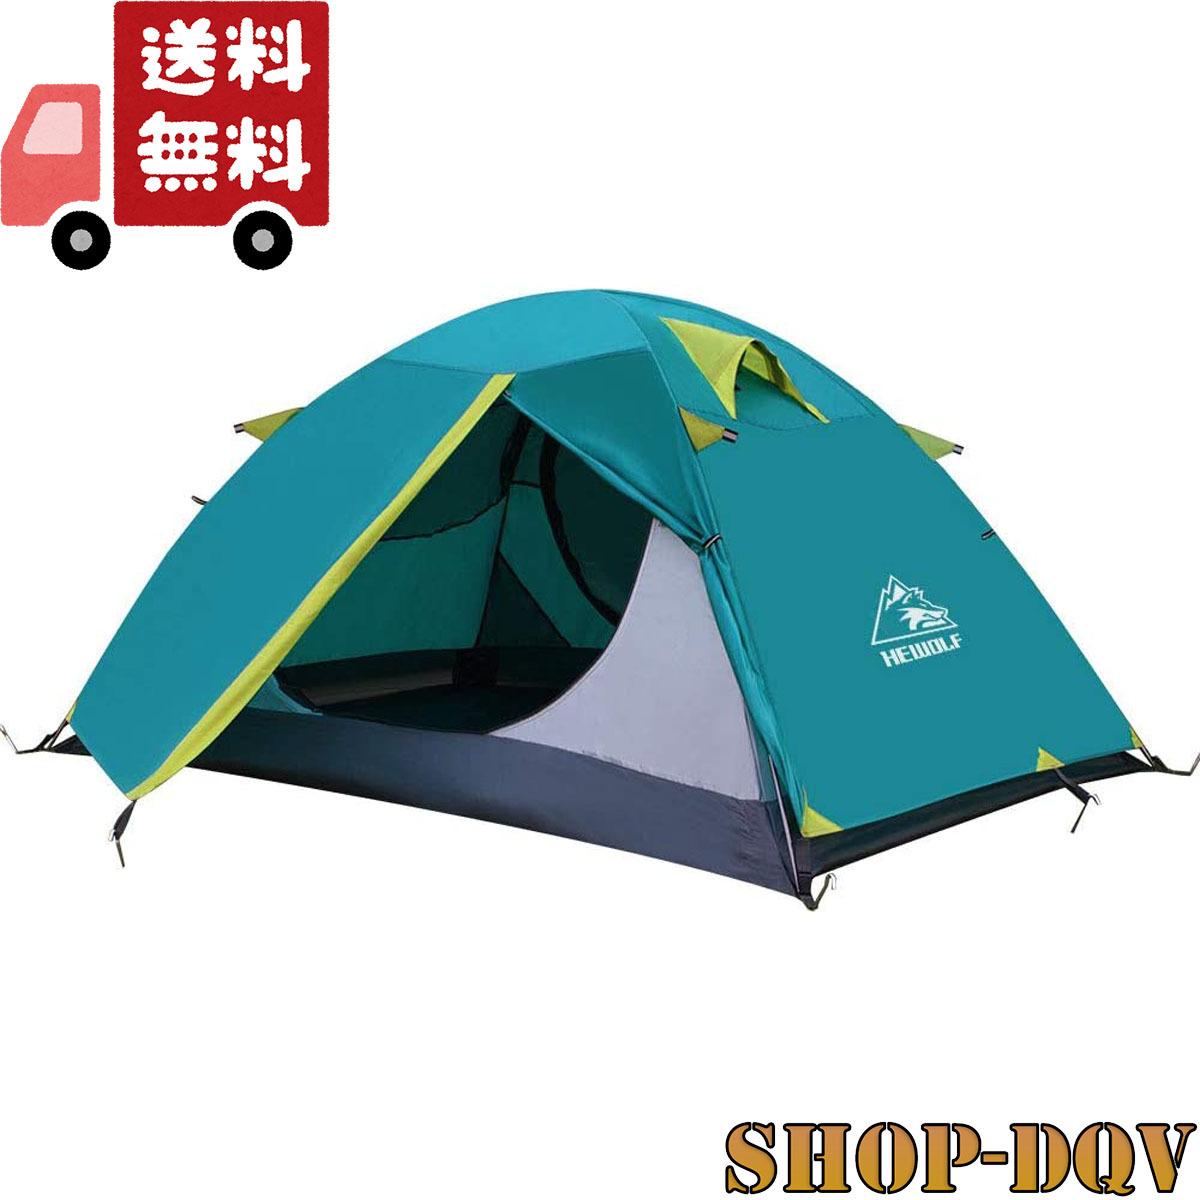 【初心者 テント】ツーリング ソロ キャンプ 自立式 二重層 1人用 2人用 コンパクト 軽量 アウトドア 登山 防災